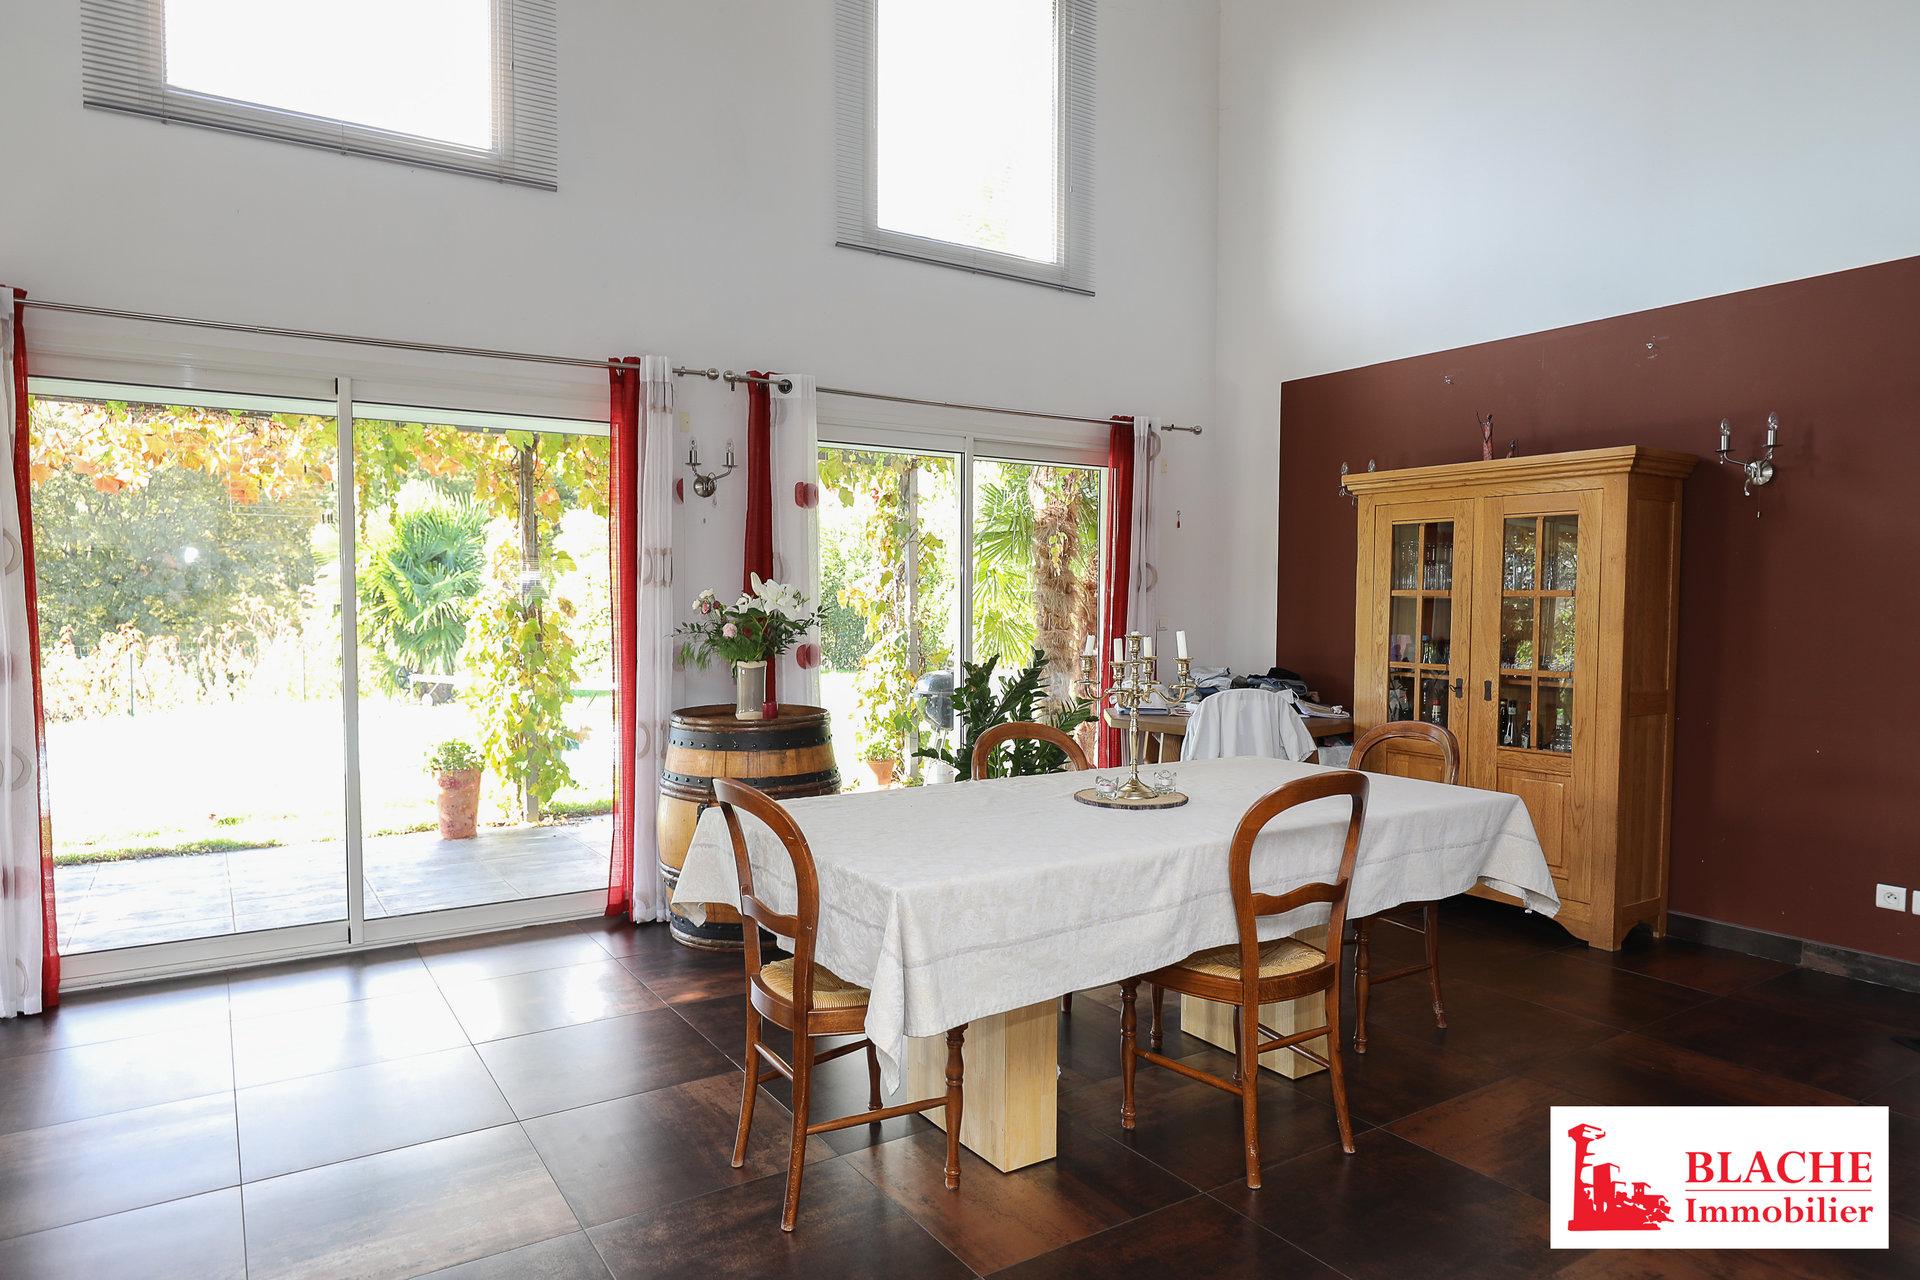 Vente Villa - Beauchastel